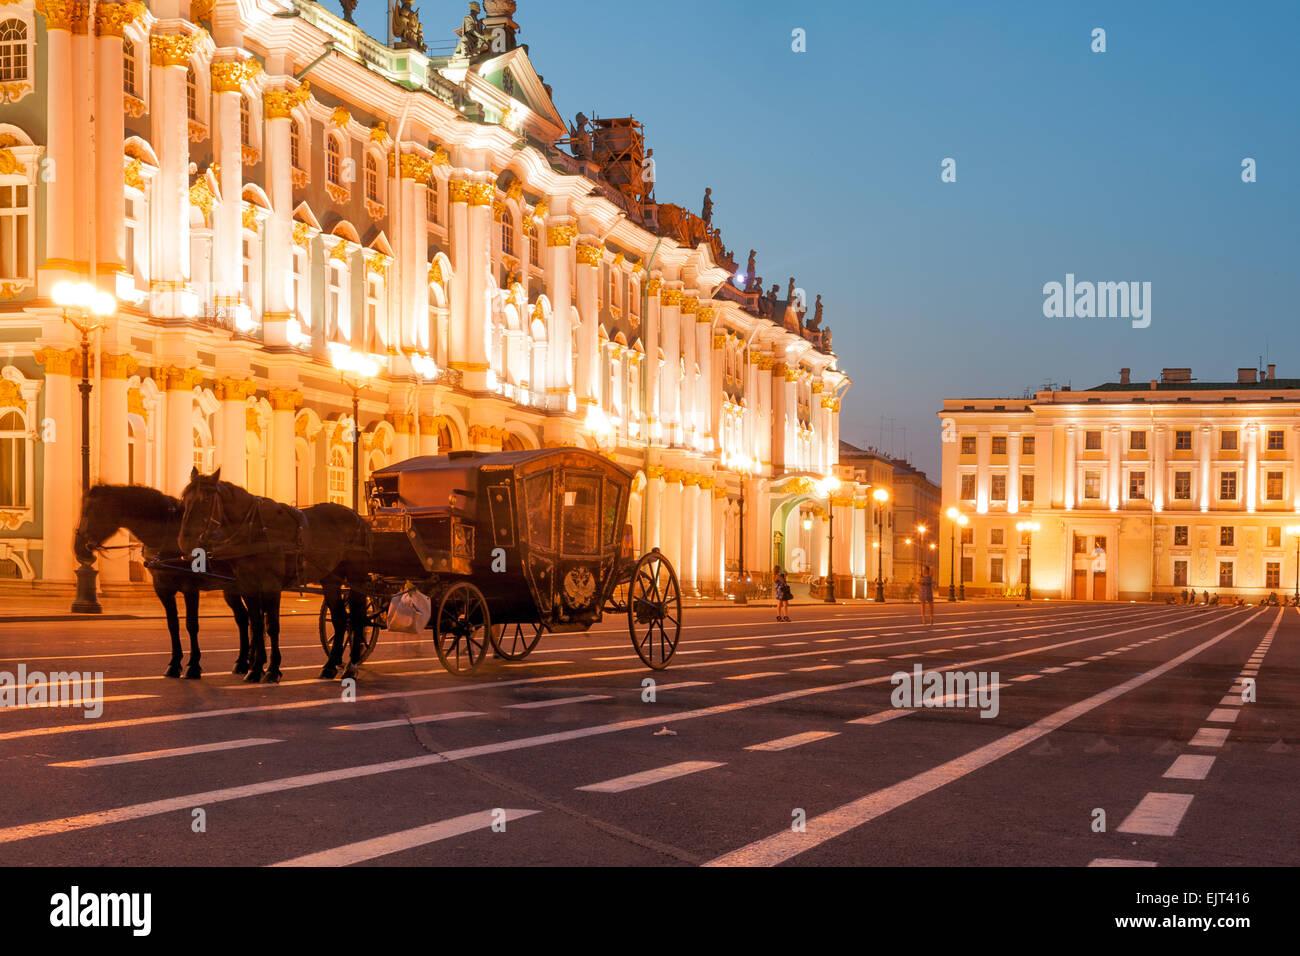 Promenades en calèche par le palais d'hiver sur la place du Palais, Saint Petersbourg, Russie Photo Stock